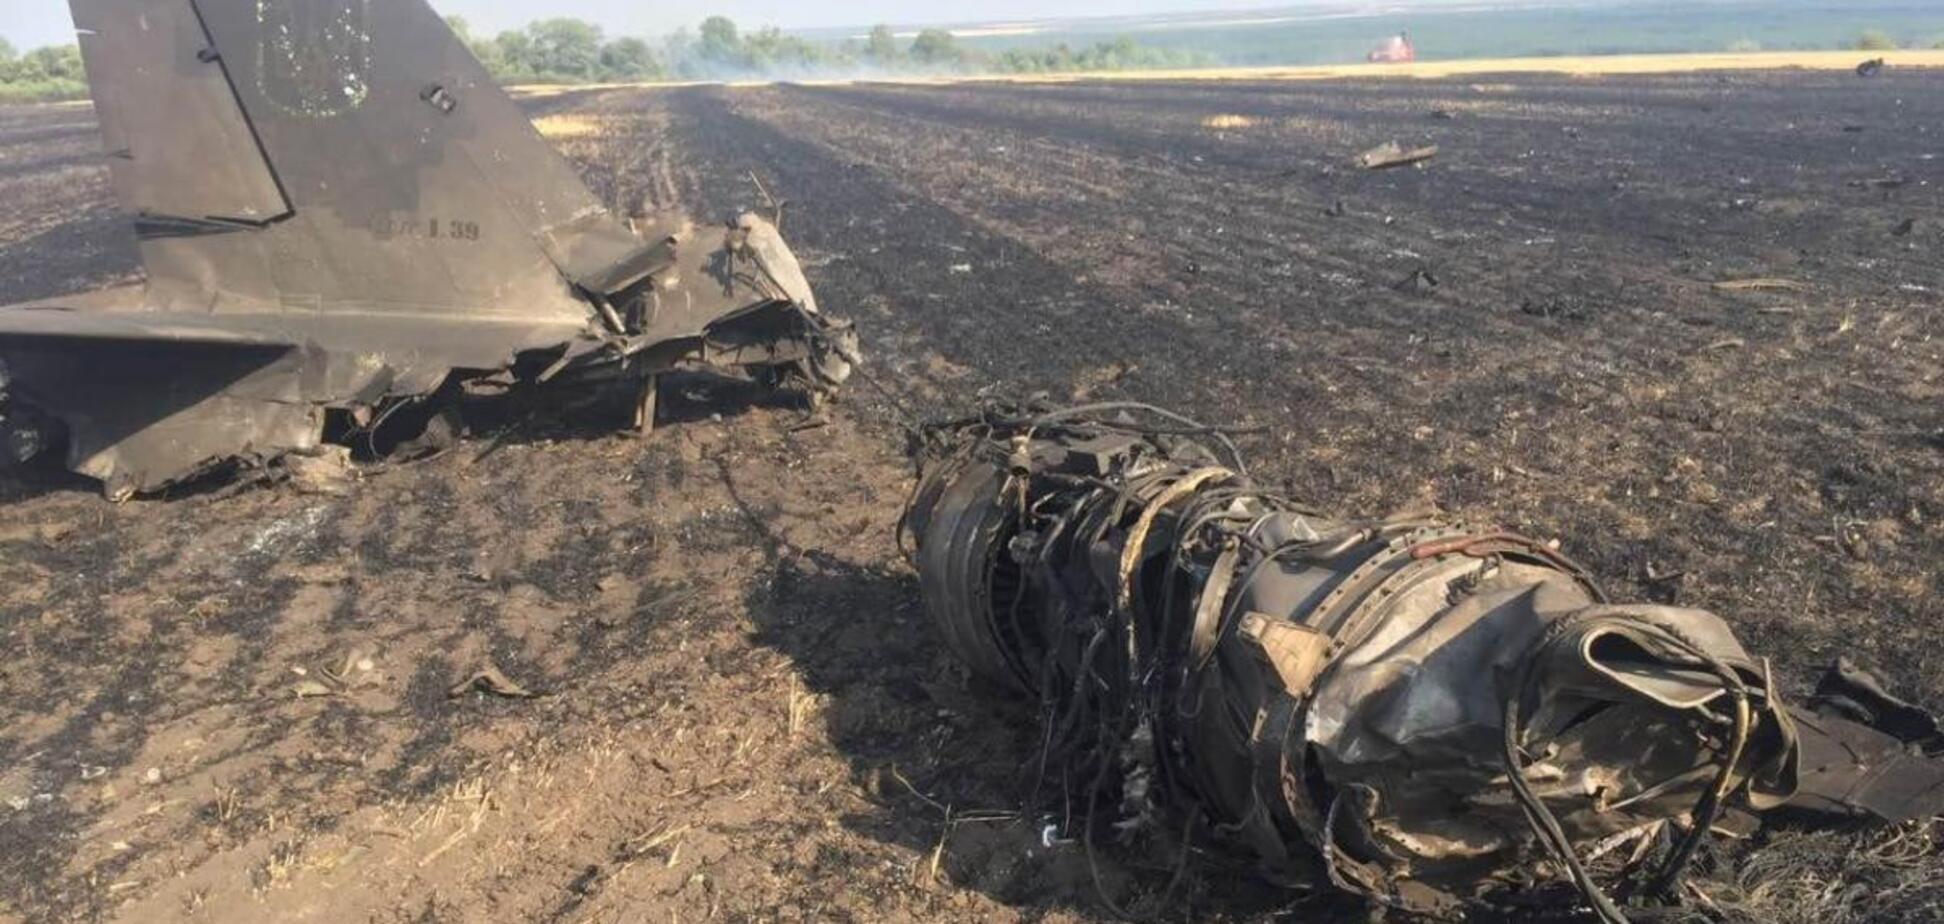 У липні 2019 року розбився військовий літак під керуванням курсанта